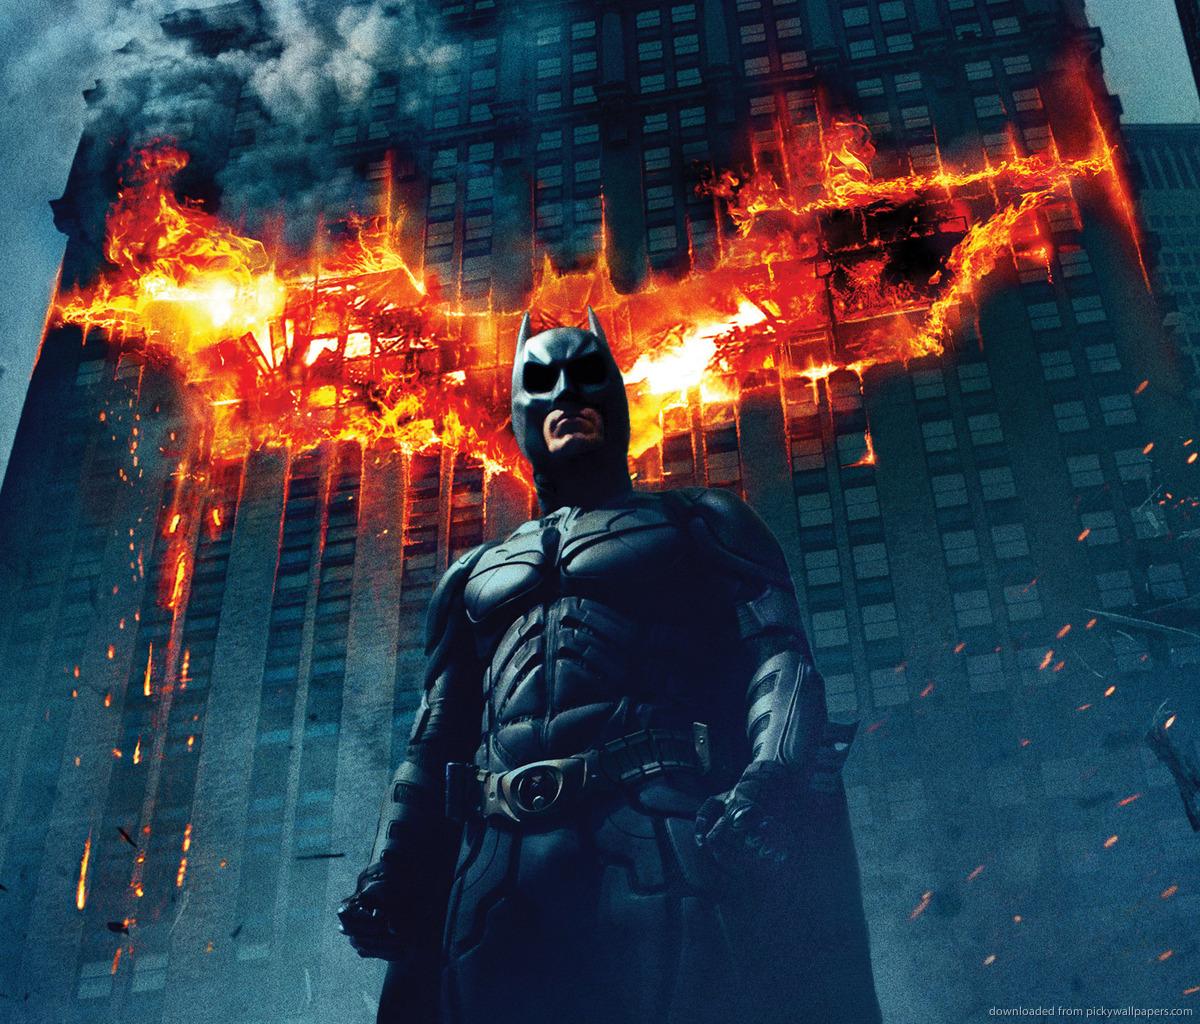 齊來猜一猜: Batman 究竟殺死幾多人?